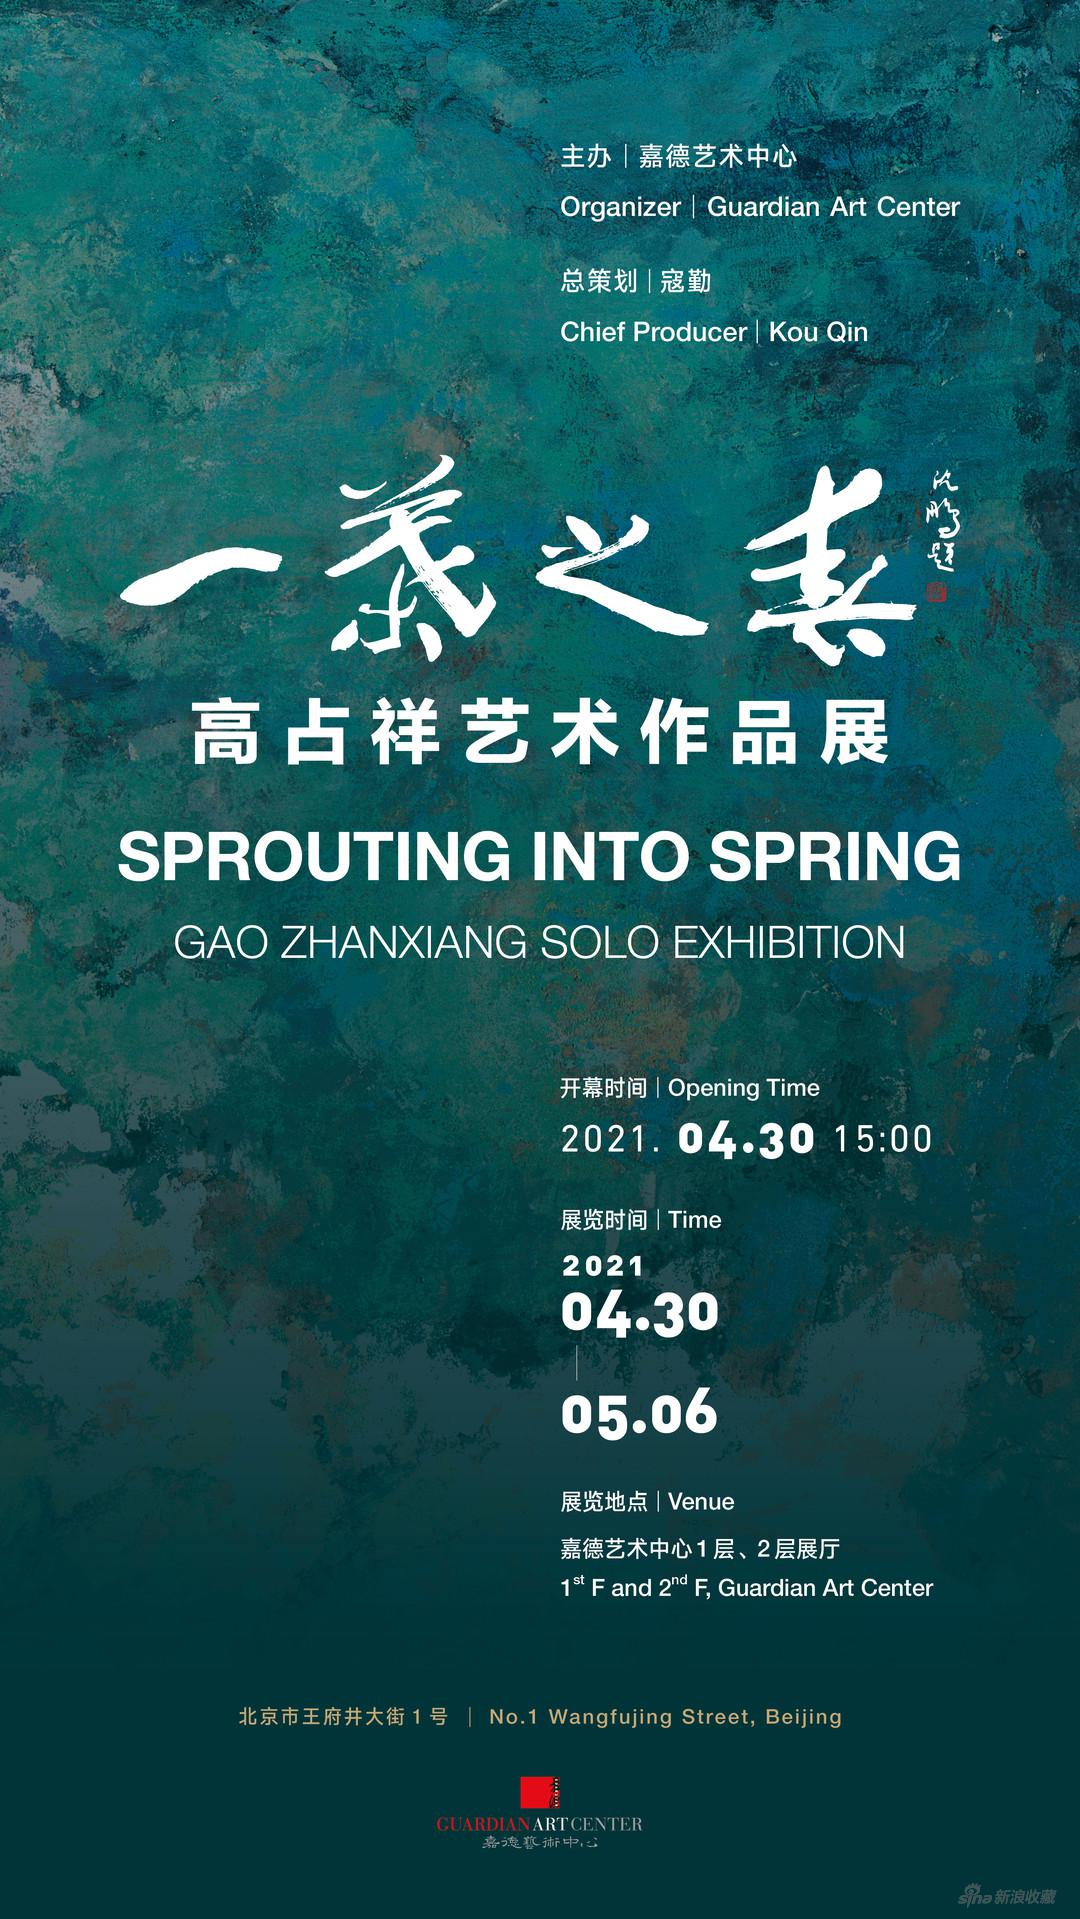 展览推荐丨一叶之春——高占祥艺术作品展